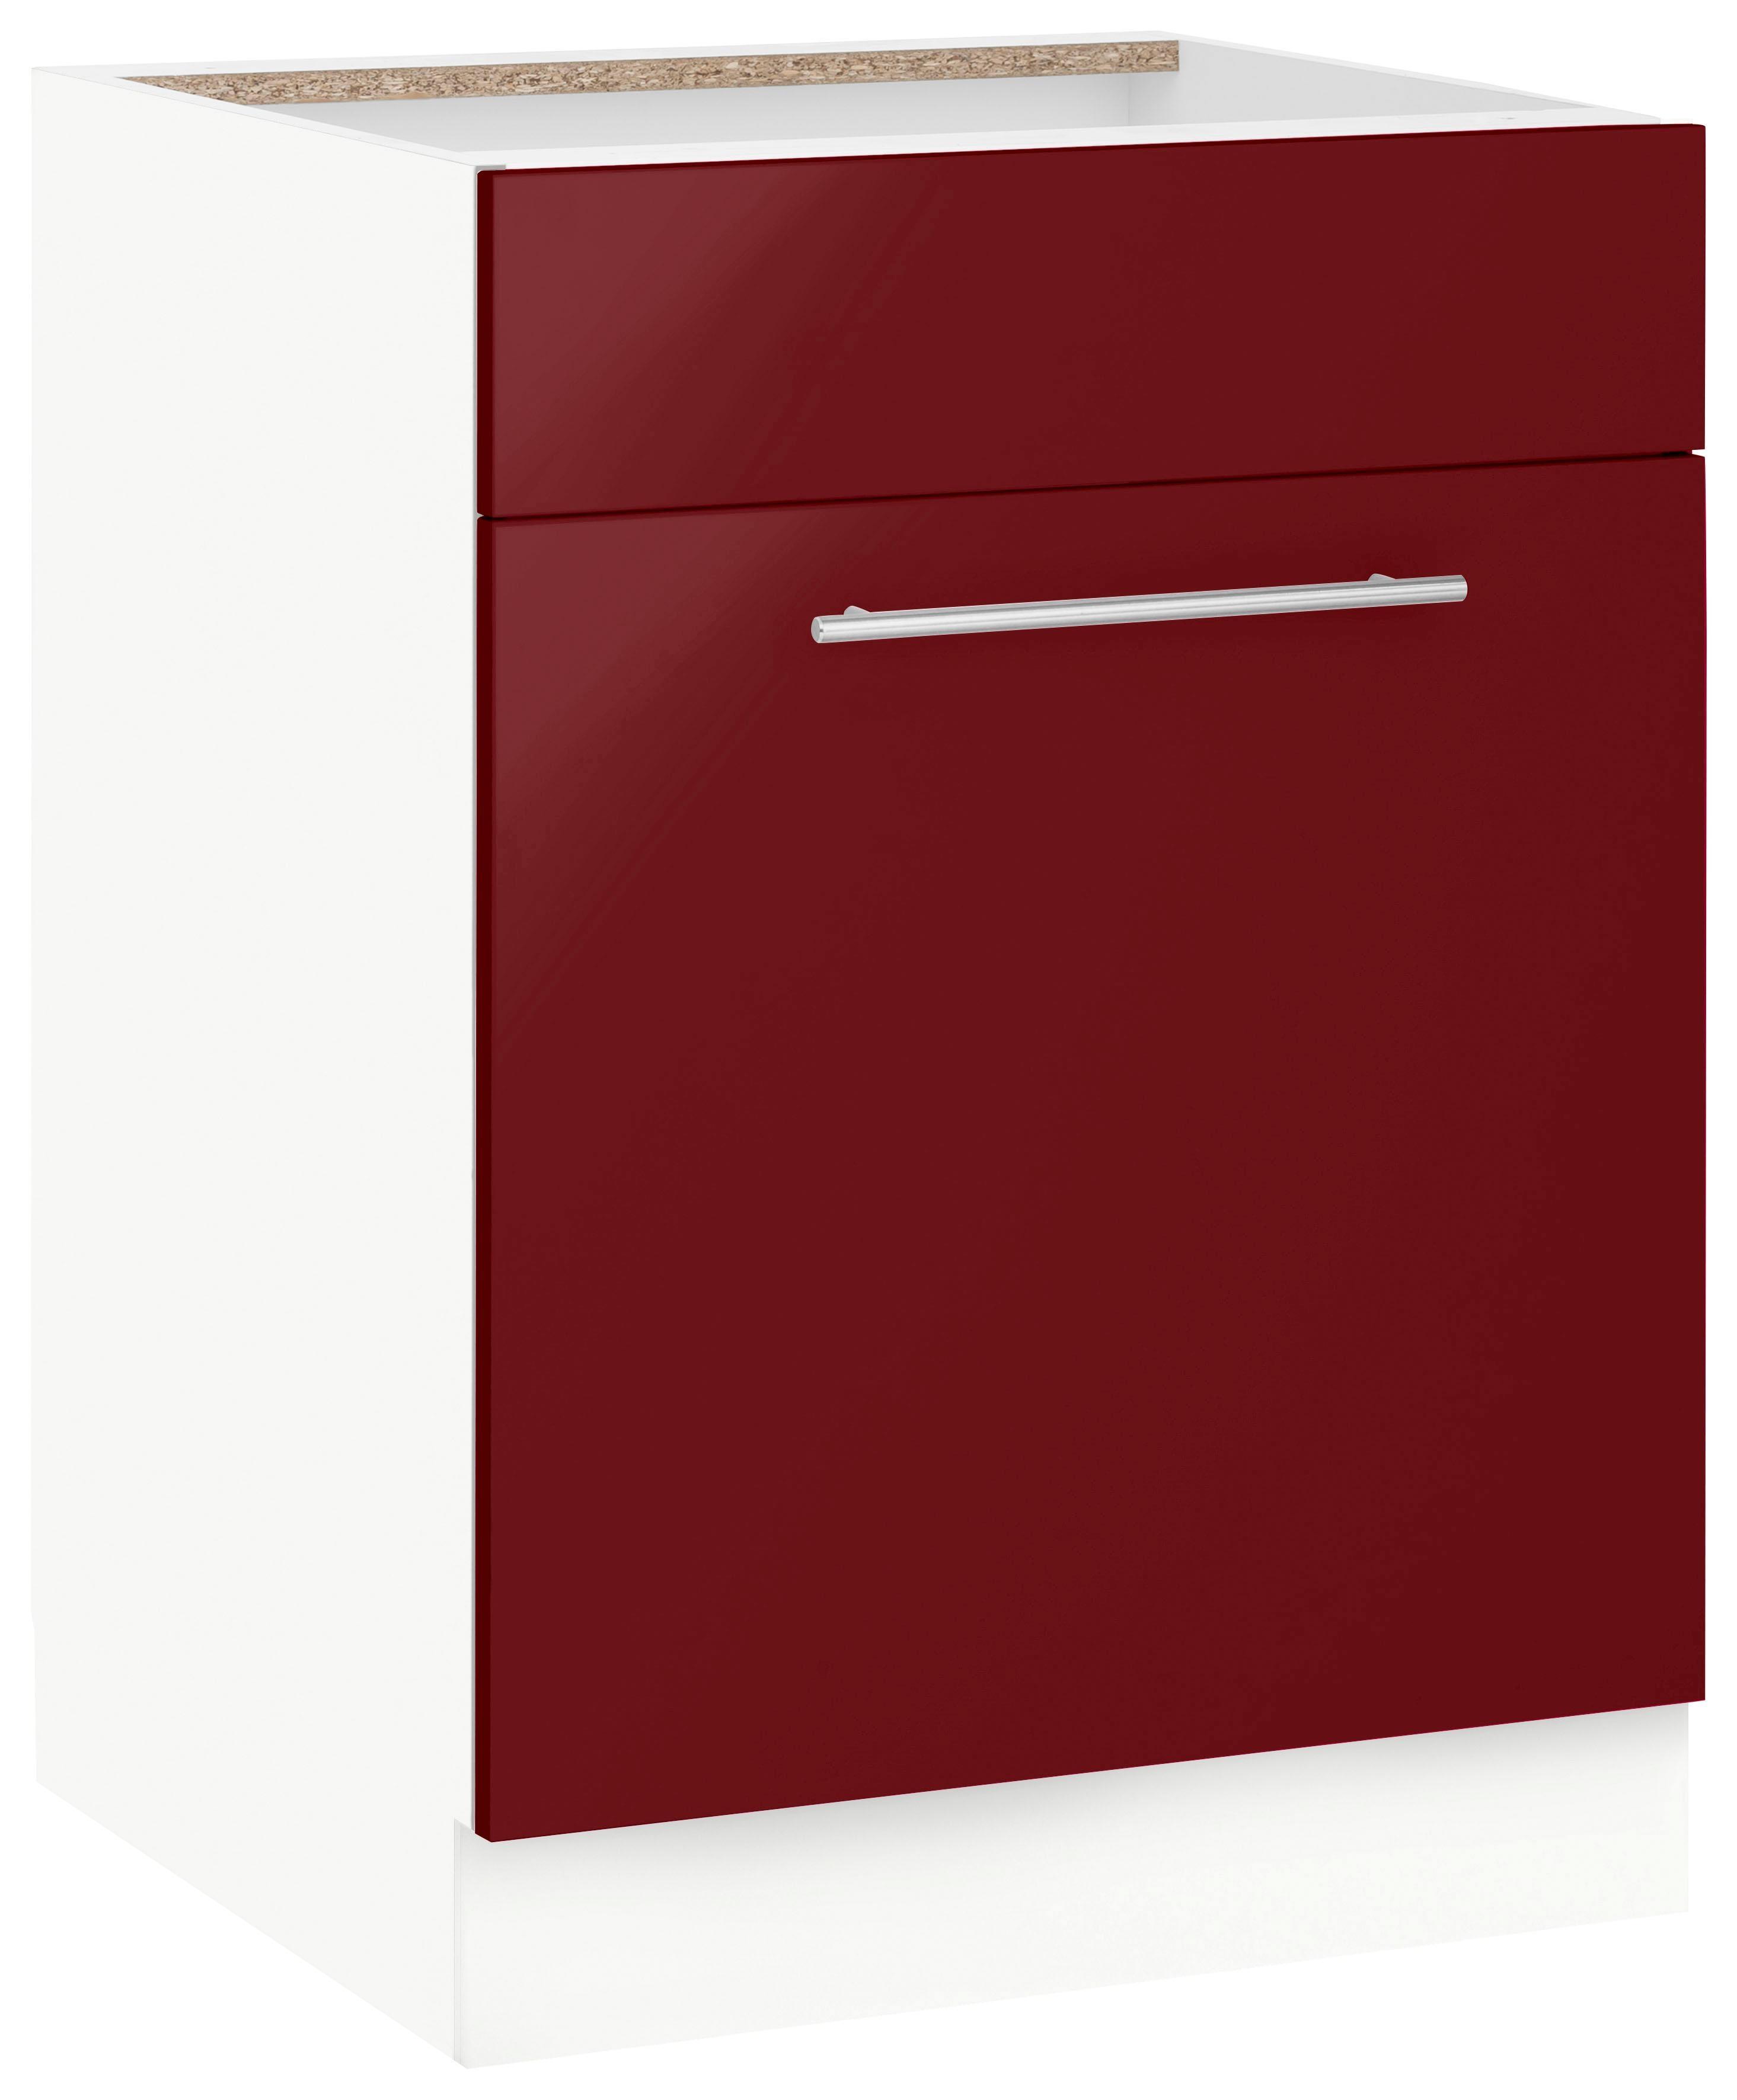 wiho Küchen Spülenschrank Flexi2 | Küche und Esszimmer > Küchenschränke > Spülenschränke | Wiho Küchen